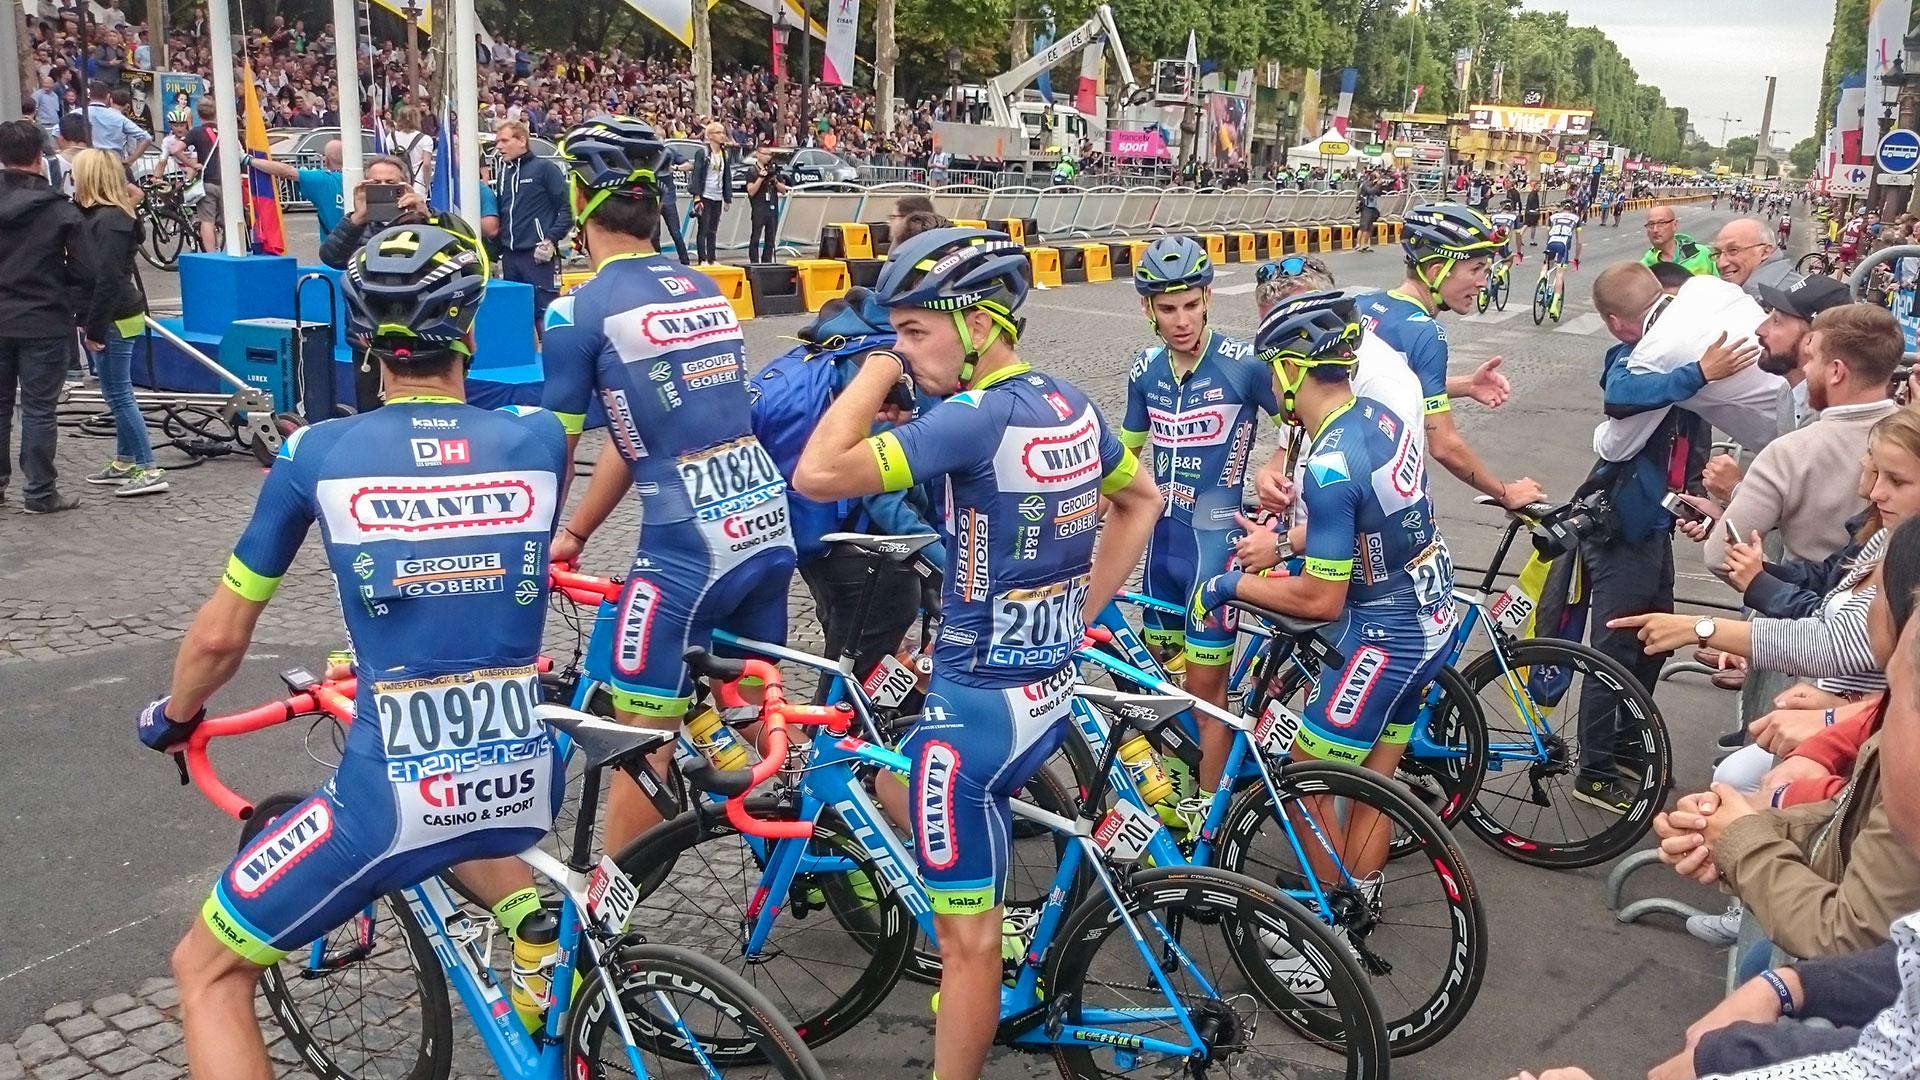 Beaucoup d'émotion sur les Champs Élysées. Les 9 coureurs de la formation Wanty-Groupe Gobert ont rallié la ligne d'arrivée de la 104ème édition du Tour de France au guidon de leurs Cube Litening C:68. © Marcel Lammers